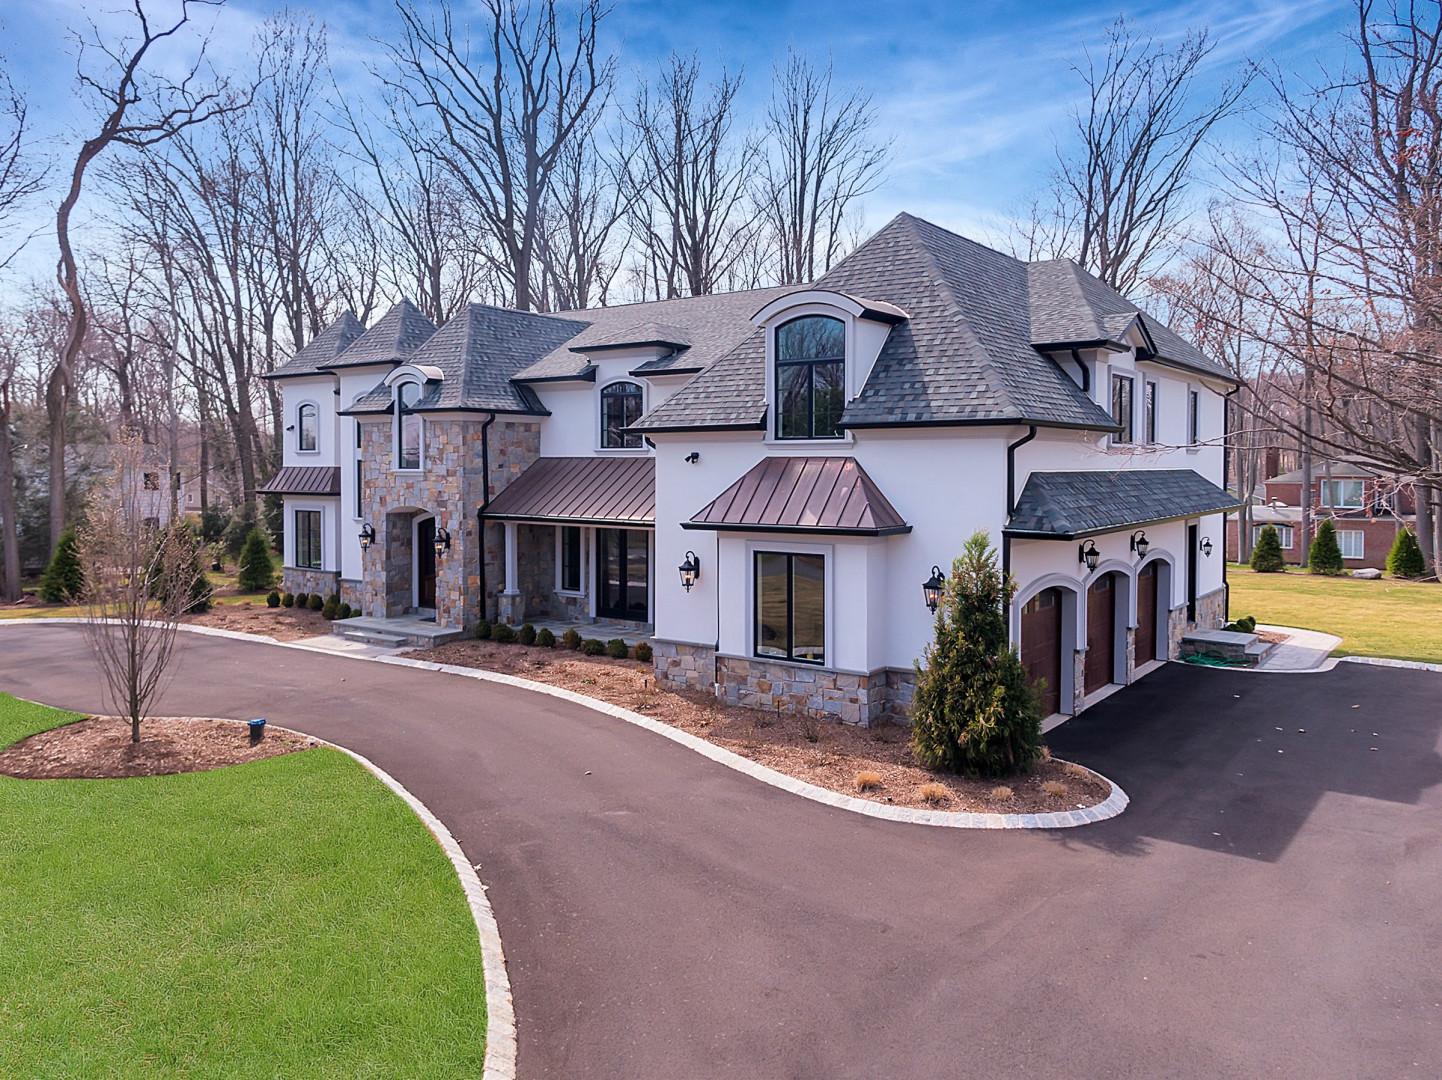 Частный односемейный дом для того Продажа на French Country Manor 7 Shadow Rd Upper Saddle River, 07458 Соединенные Штаты